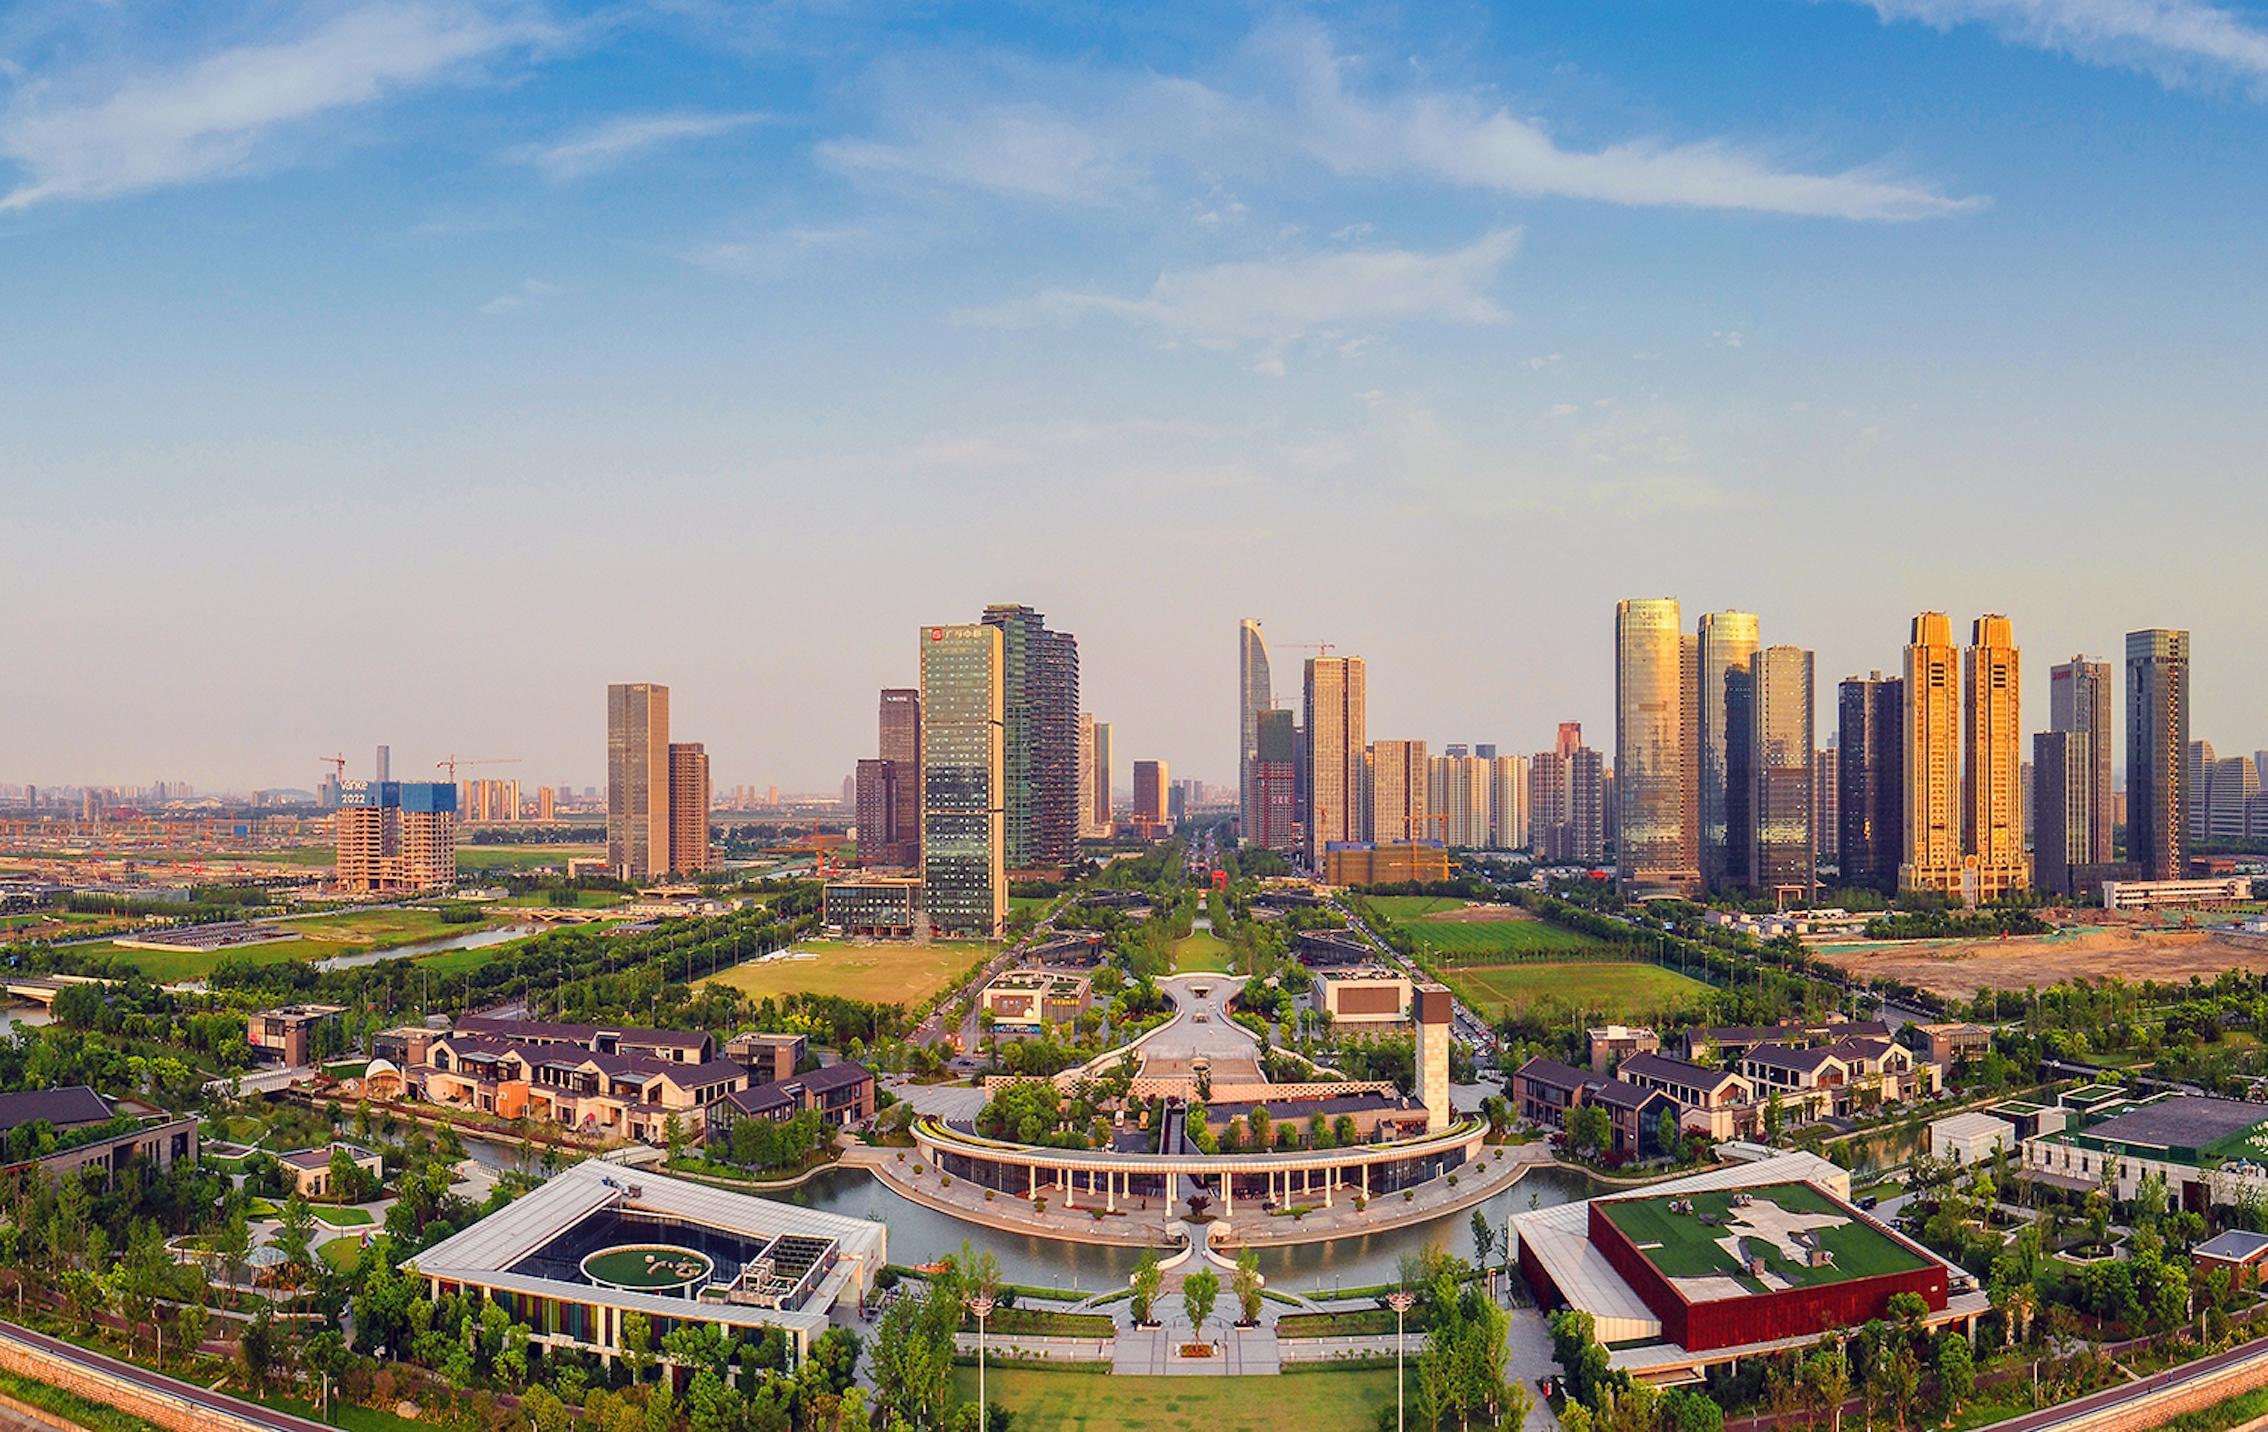 何必去西湖人挤人,收下这份攻略,带你去打卡杭州新晋网红景点